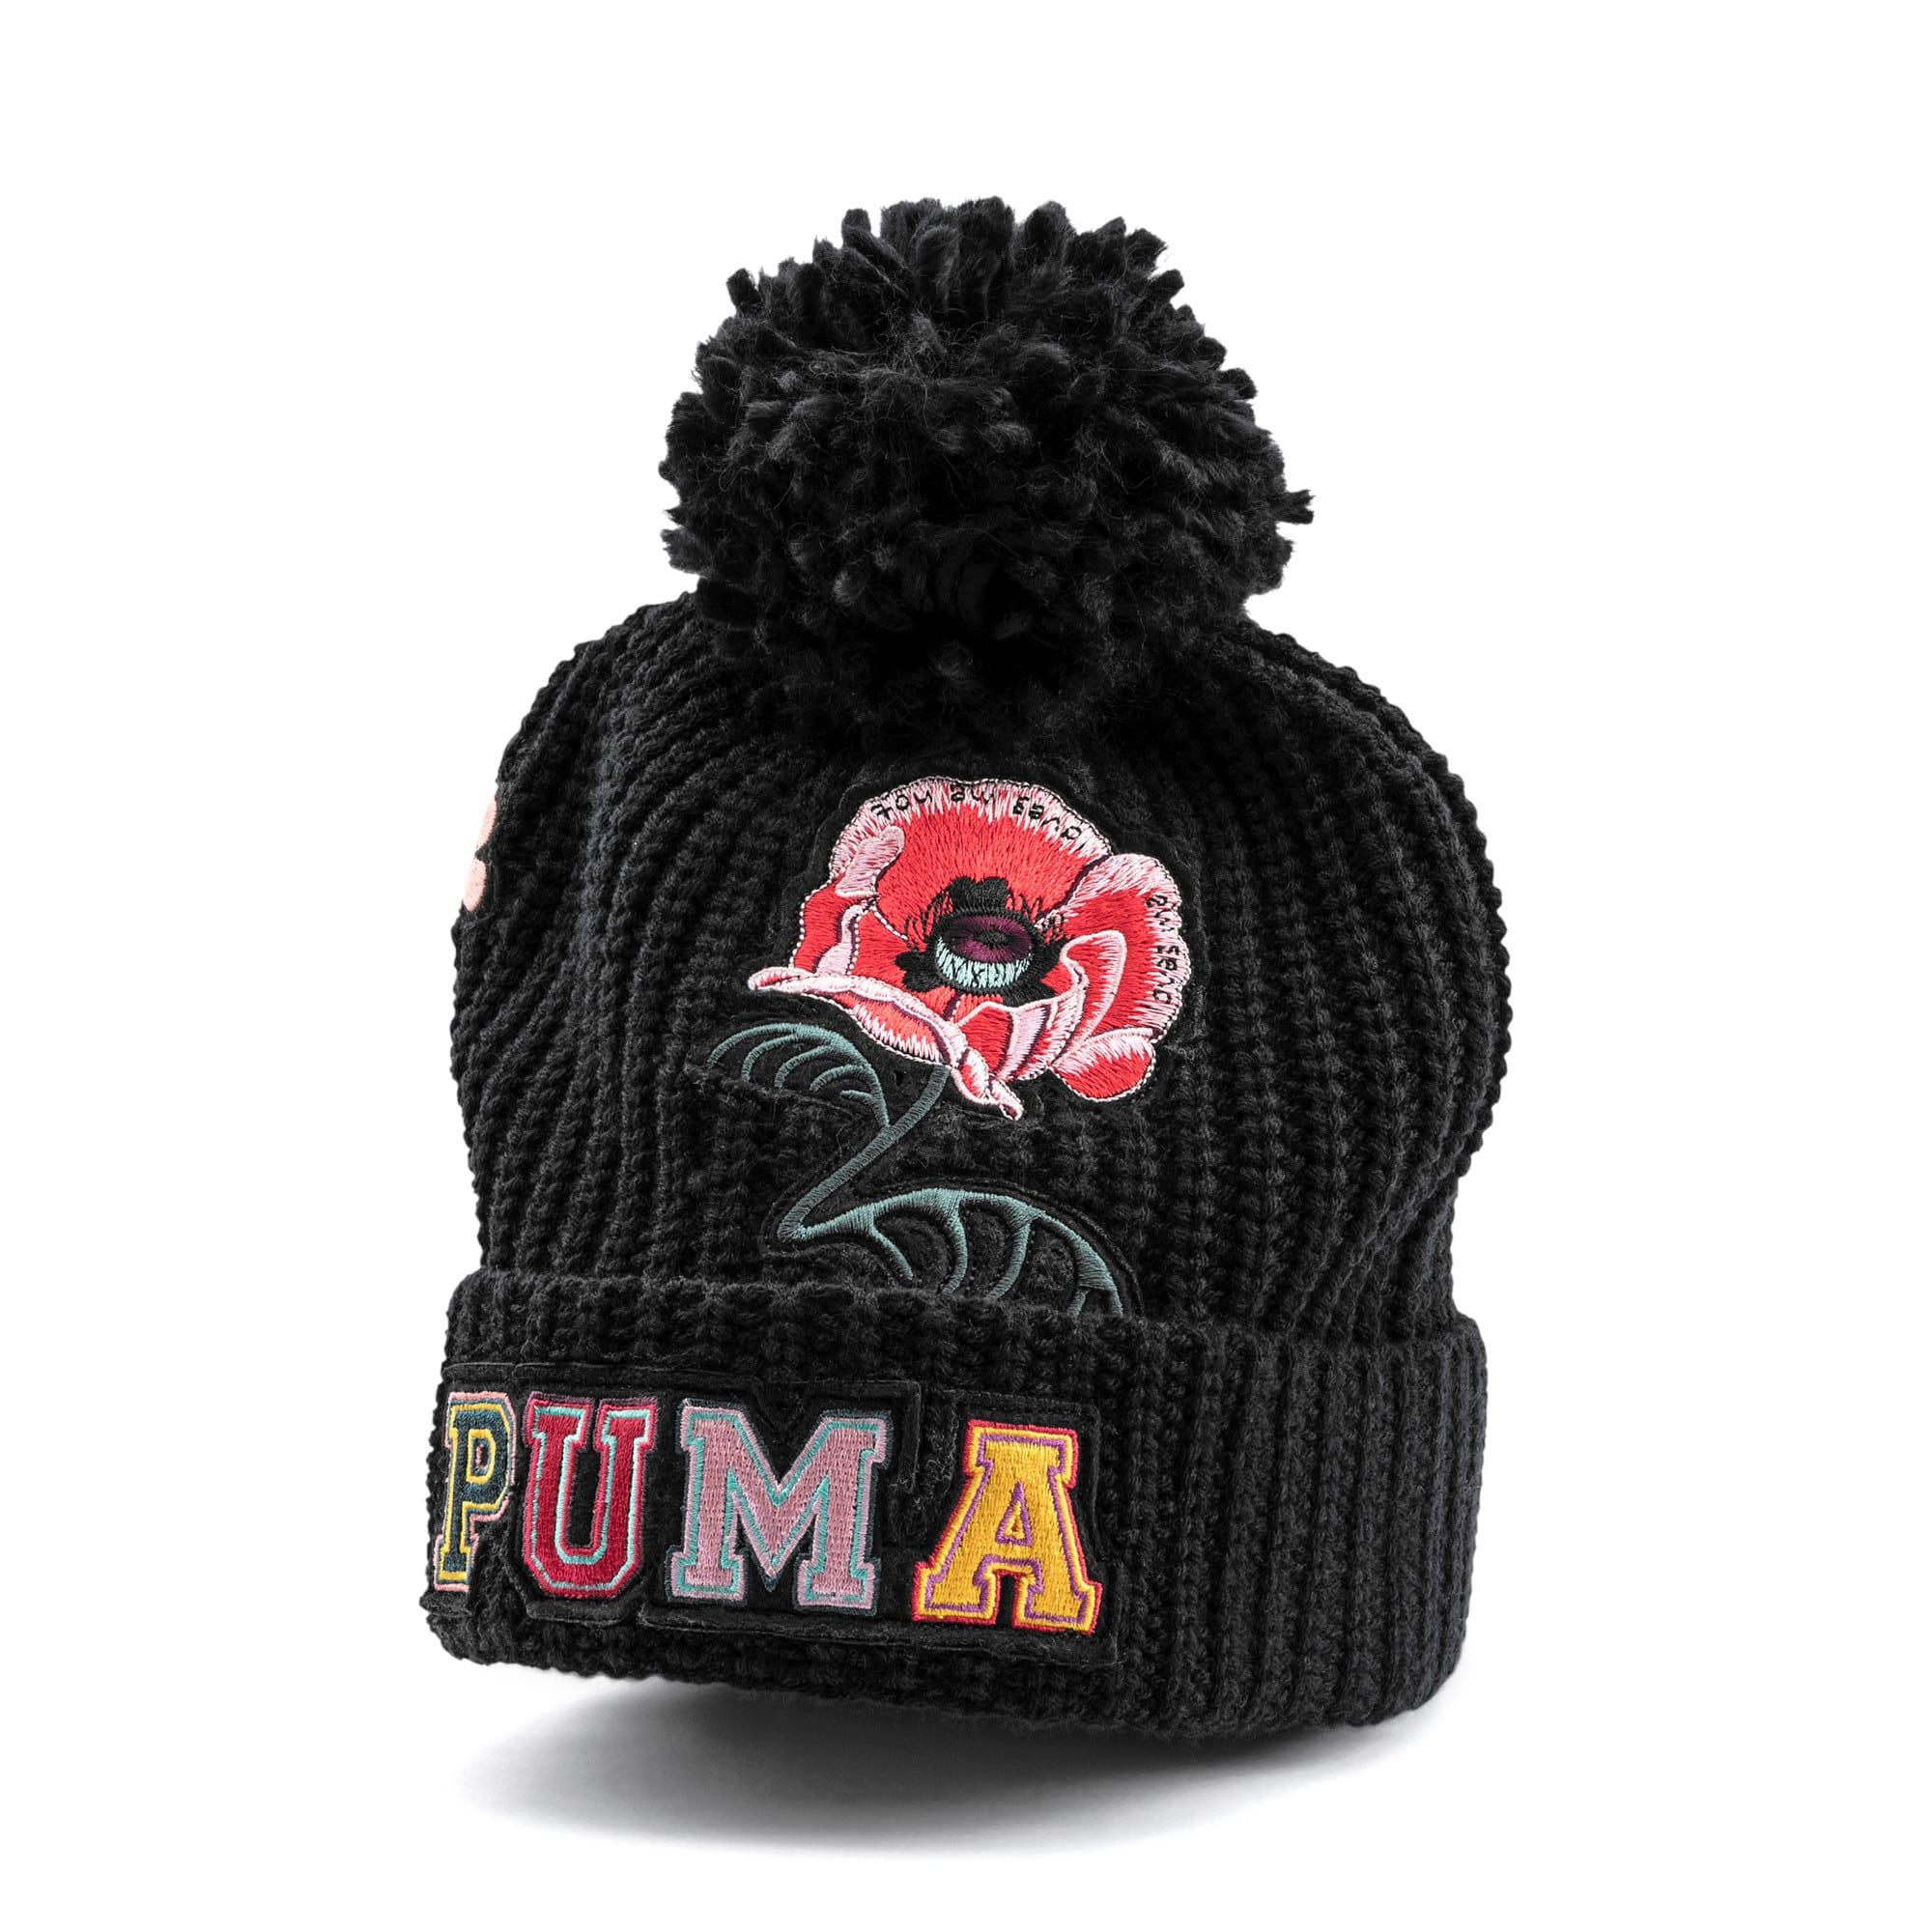 Thumbnail 1 of PUMA x SUE TSAI ウィメンズ ビーニー, Puma Black, medium-JPN